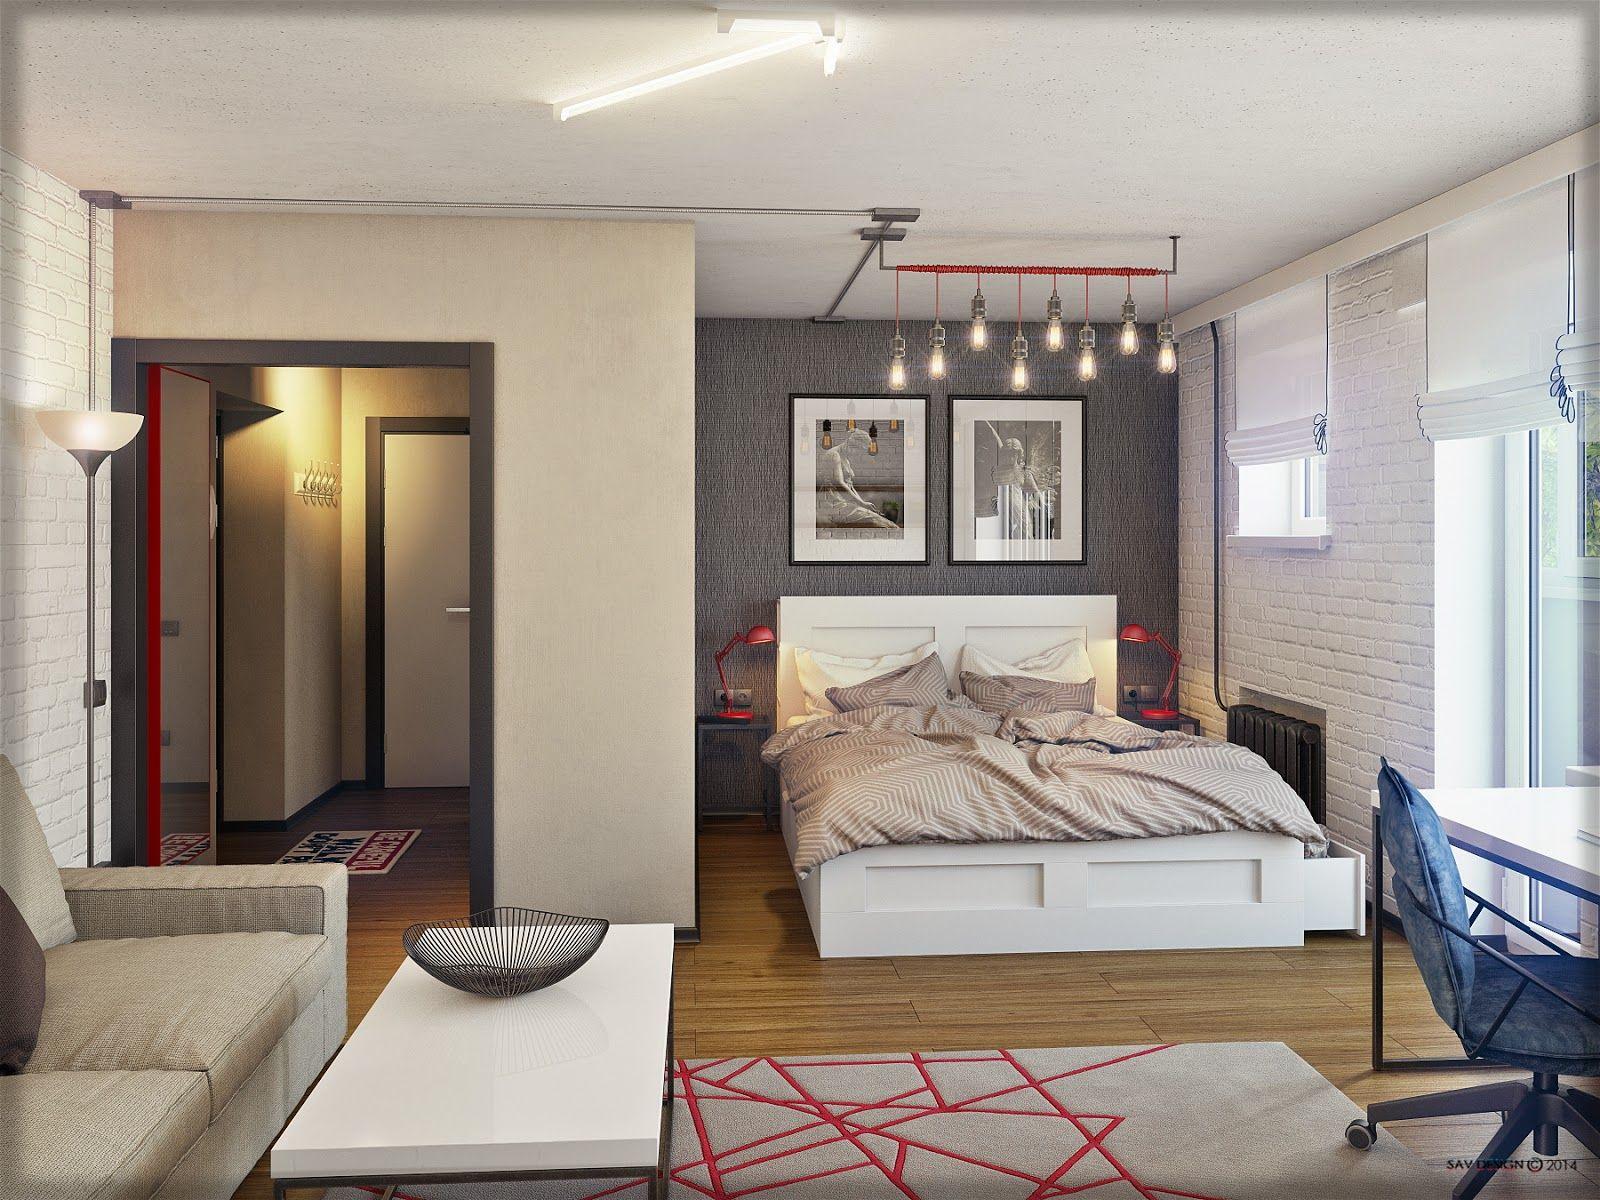 Интерьер квартиры в стиле минимализмЖенские радости